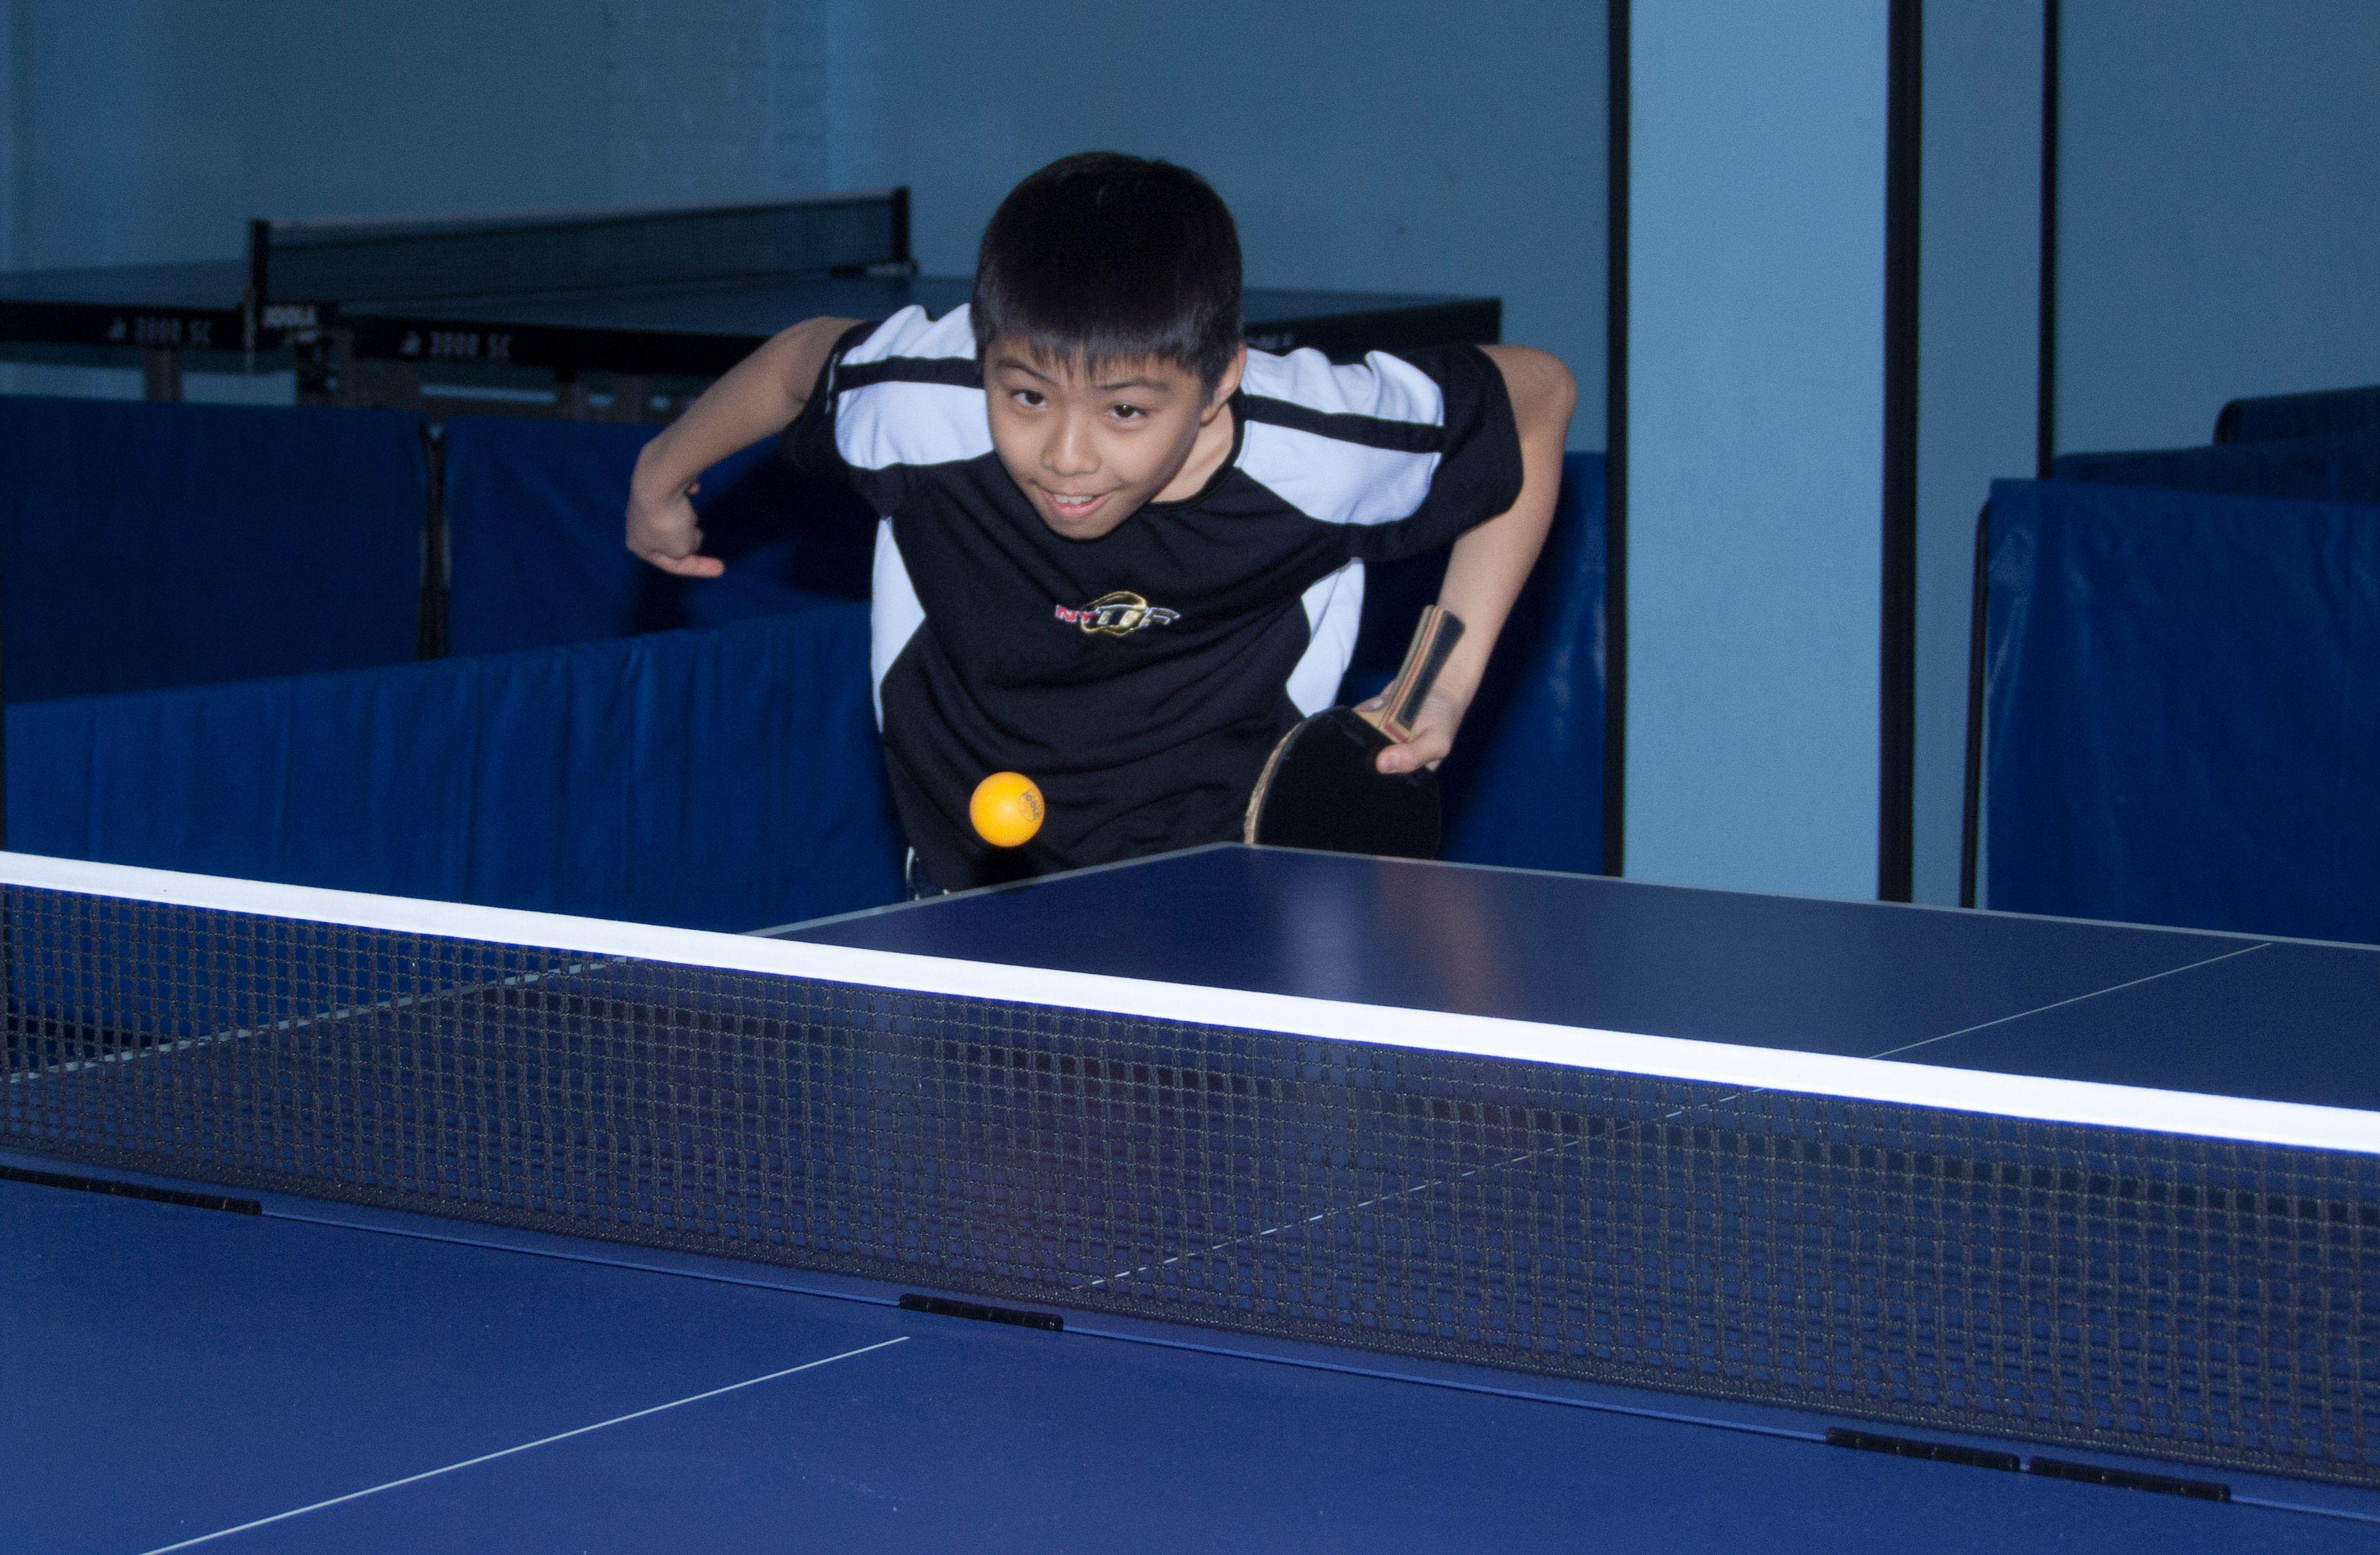 NYC Ping Pong